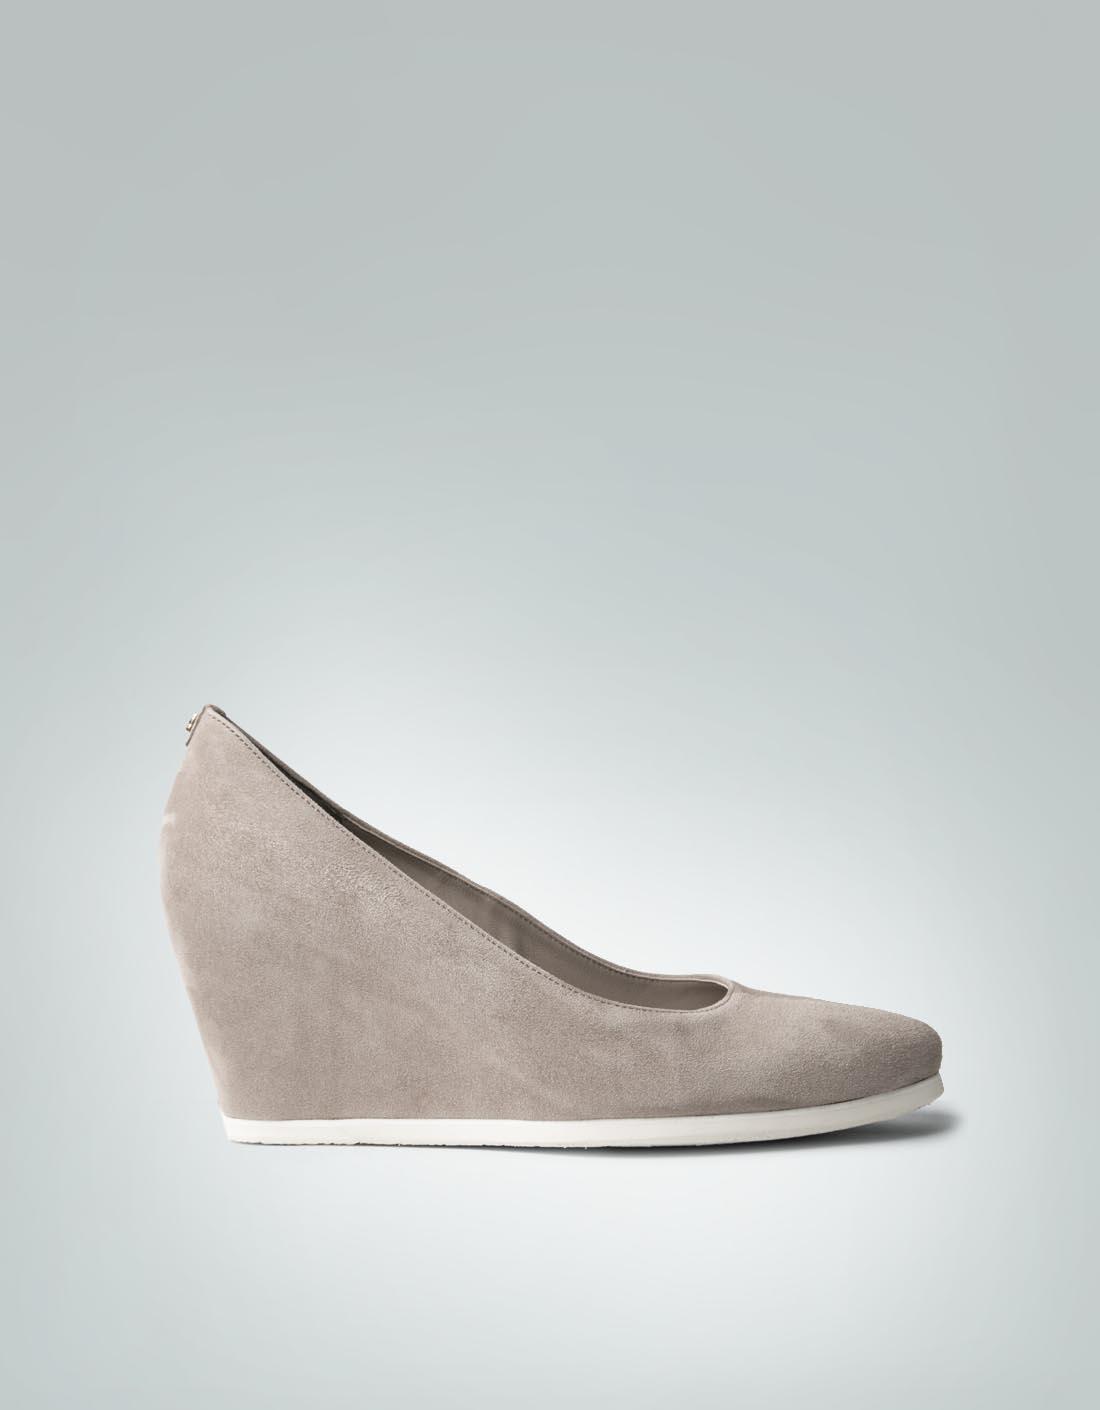 49d0ac2ae0 högl Damen Schuhe Pumps mit Keilabsatz empfohlen von Deinen ...